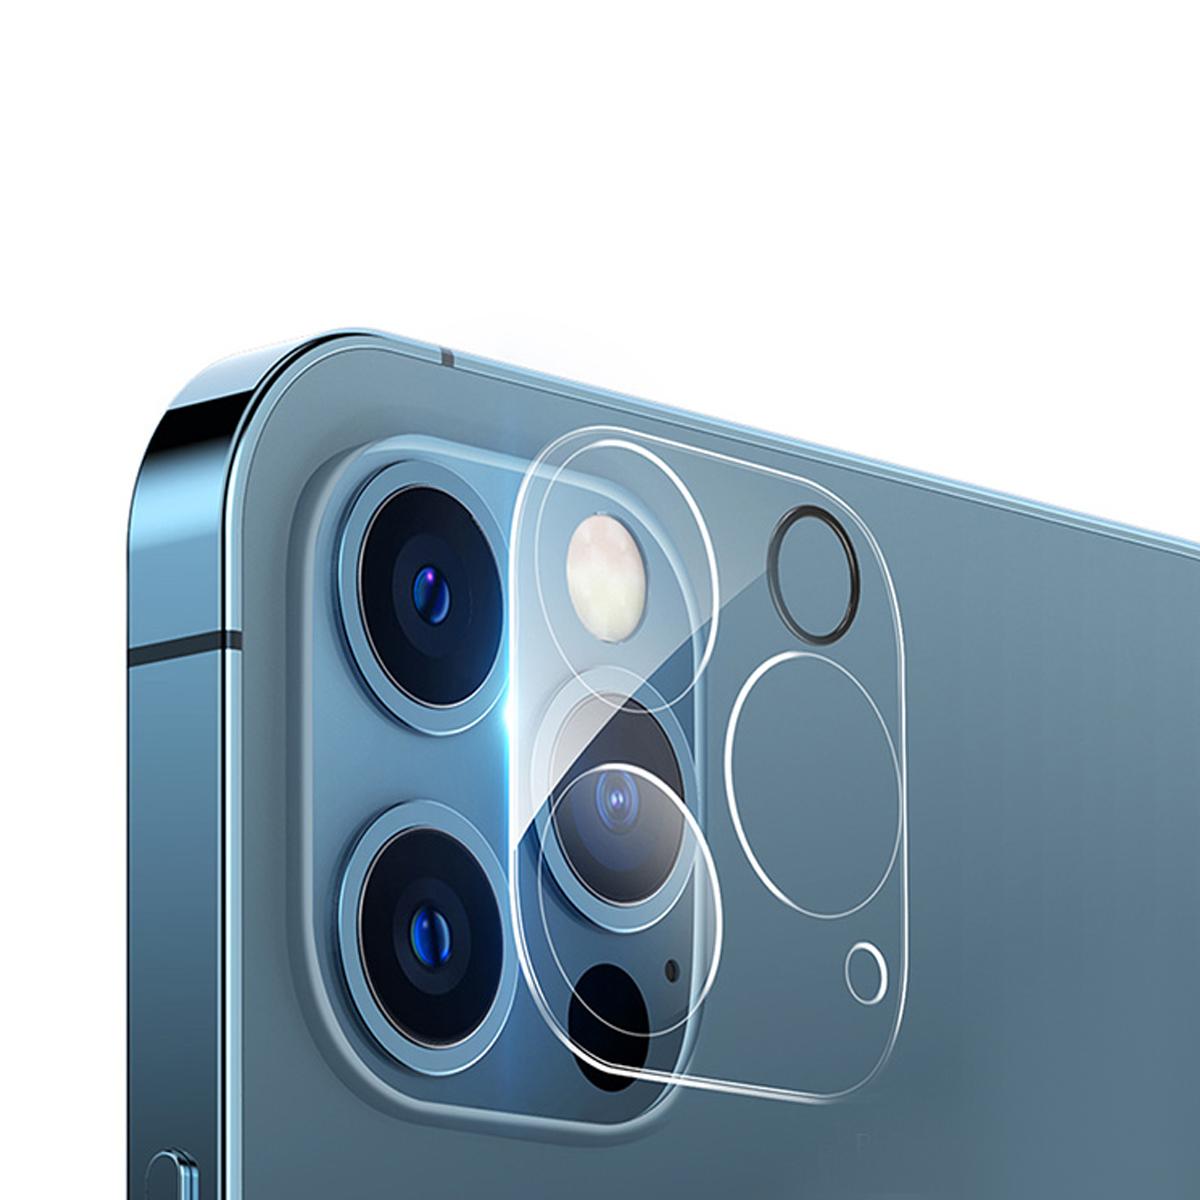 محافظ لنز دوربین مدل LP01pr مناسب برای گوشی موبایل اپل iPhone 12 Pro Max main 1 1